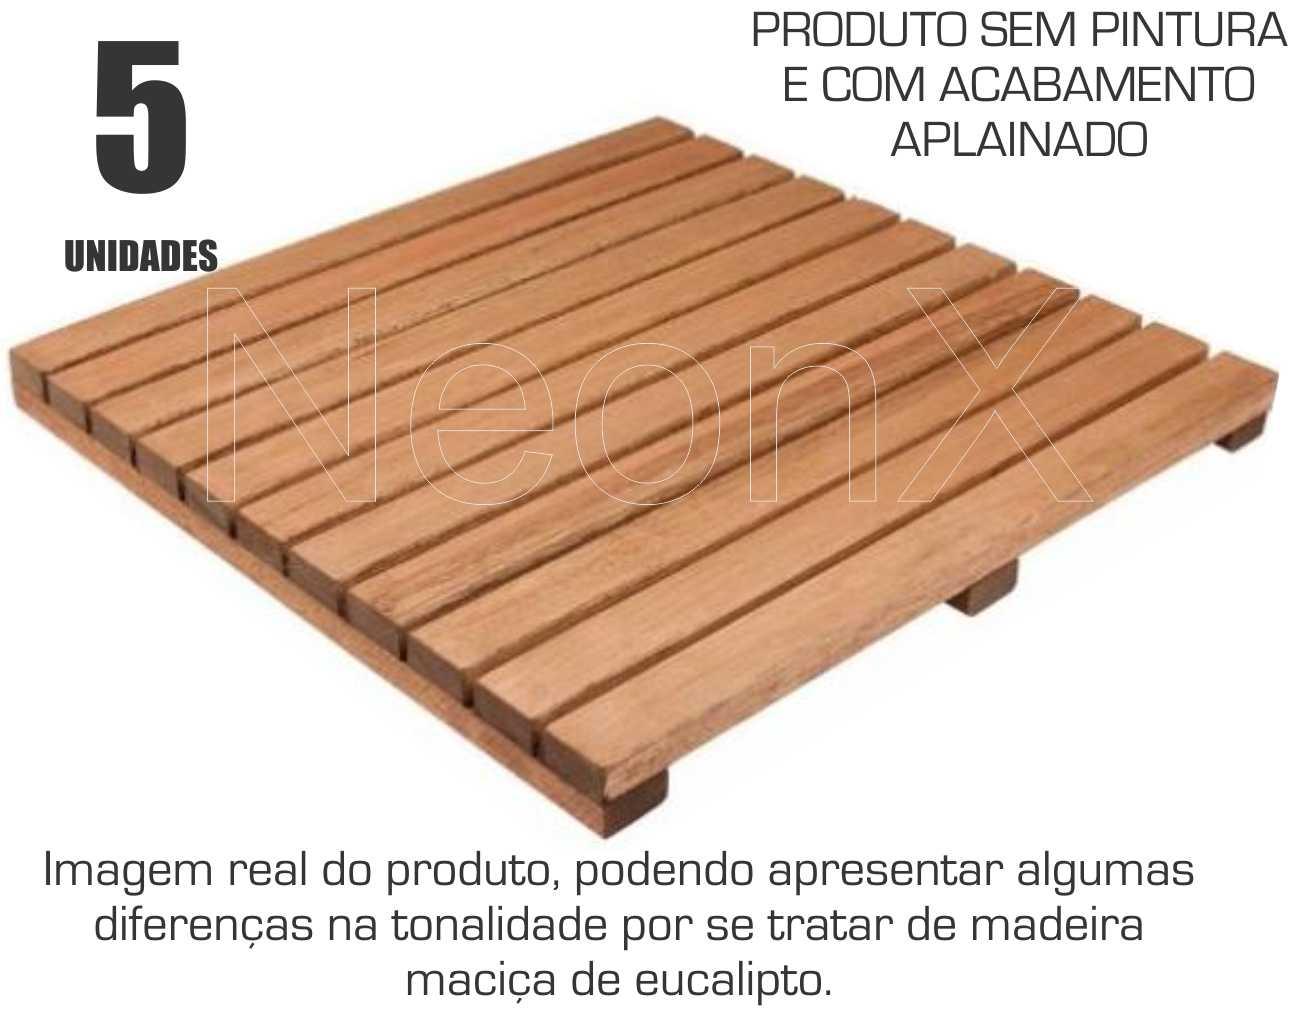 Kit 5 Unidades Deck De Madeira Modular Base 50x50 Cm Neonx